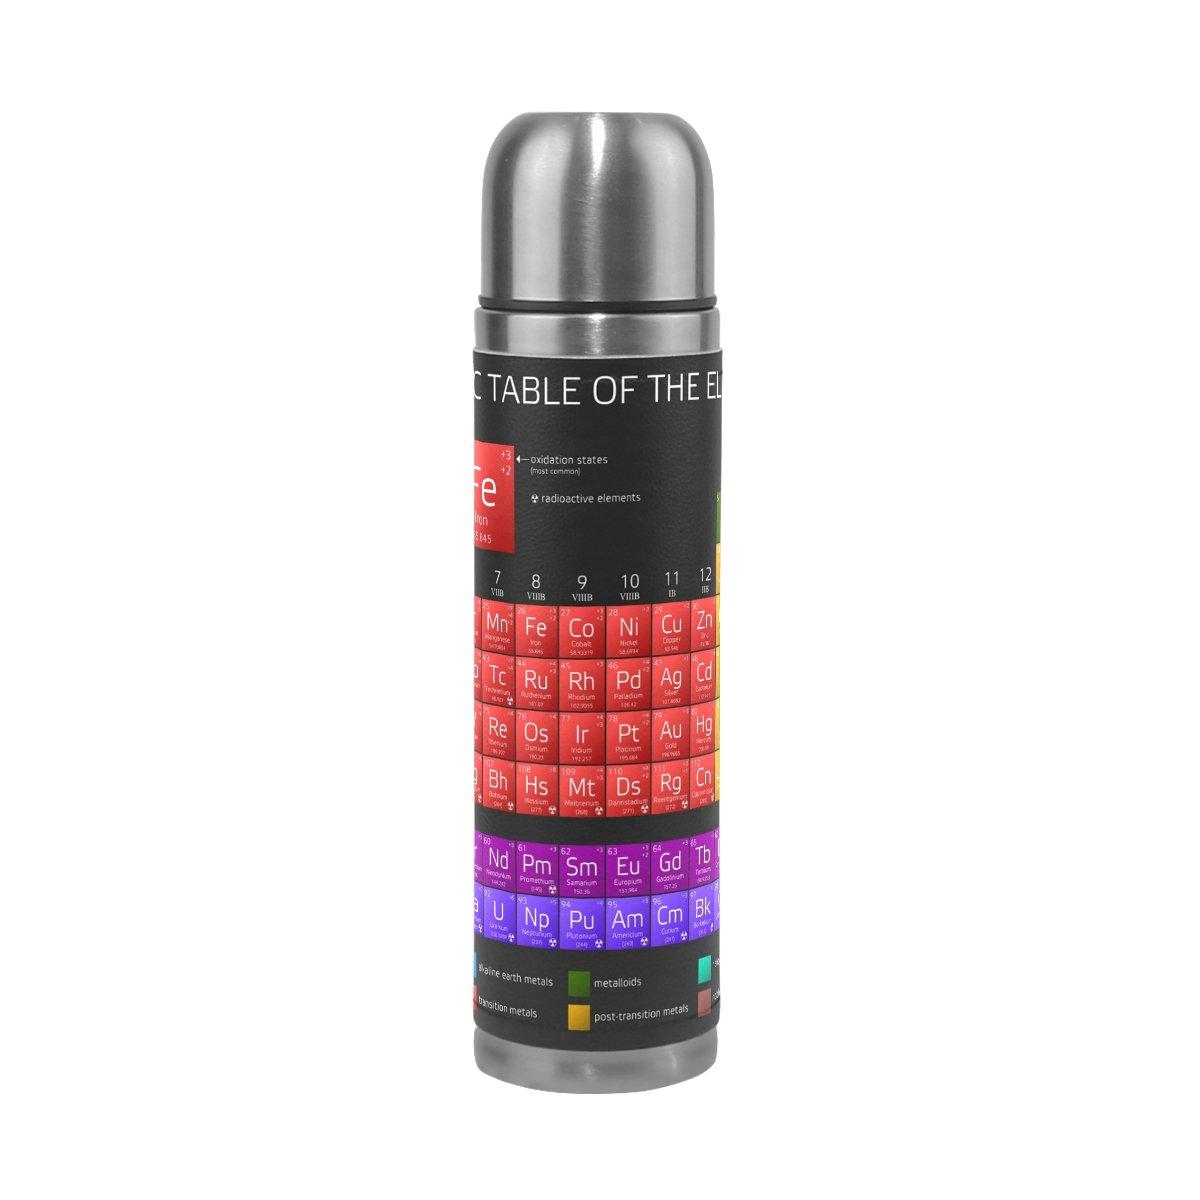 素晴らしい Alazaの要素の周期表ブラック二重壁水ボトル真空断熱魔法瓶フラスコGenuine 17 Leather B076ZJYQJ7 Wrapped 17 oz oz カラフル B076ZJYQJ7, 土岐市:c673e31b --- a0267596.xsph.ru